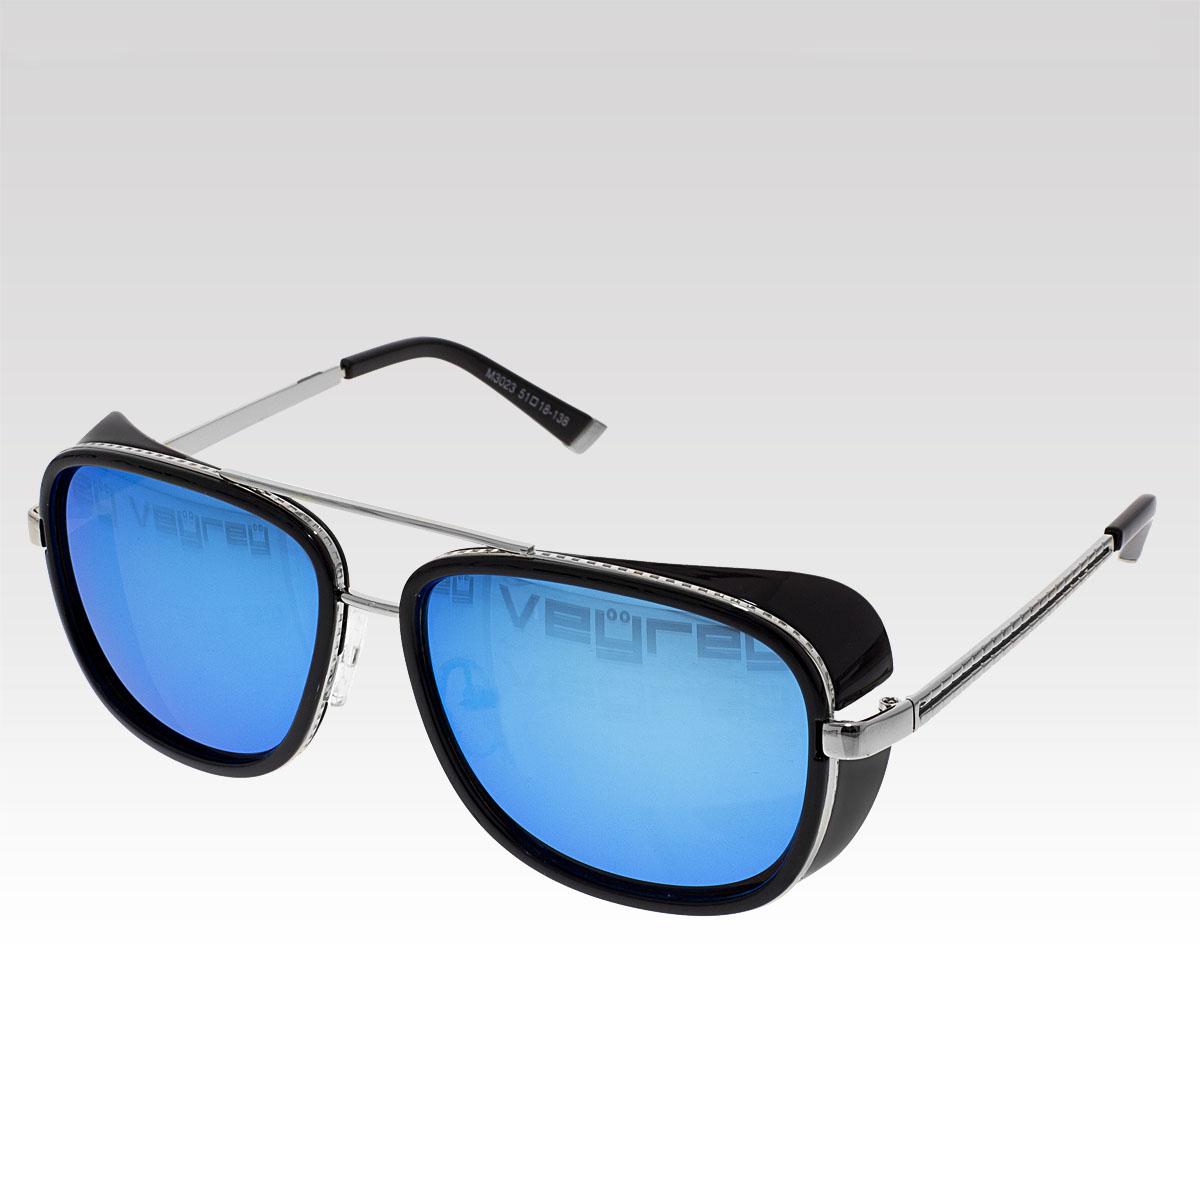 Sluneční brýle Spectre modré